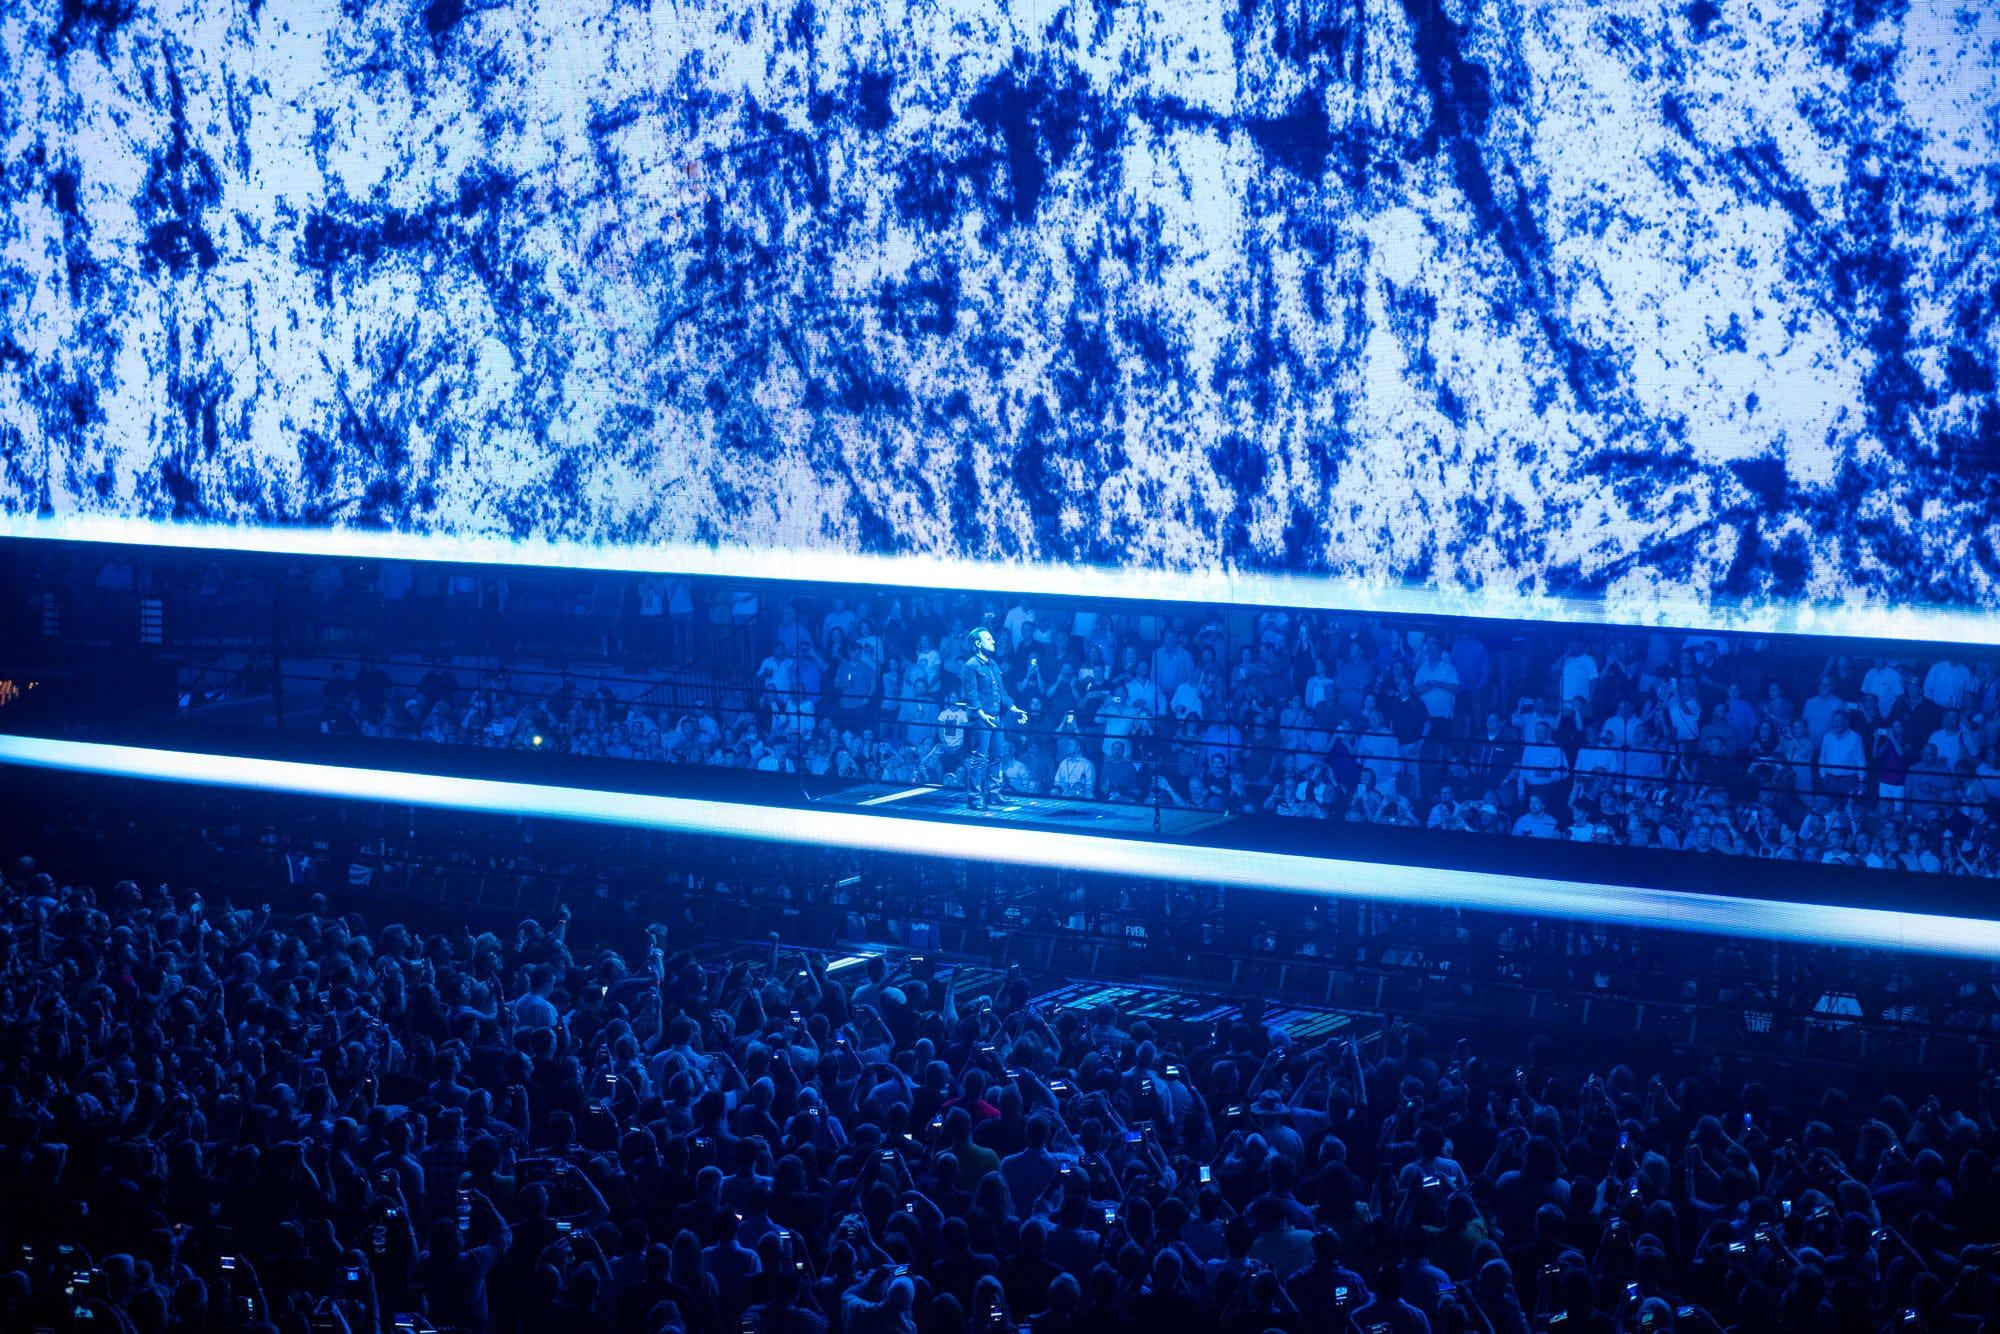 U2 AR bono on stage